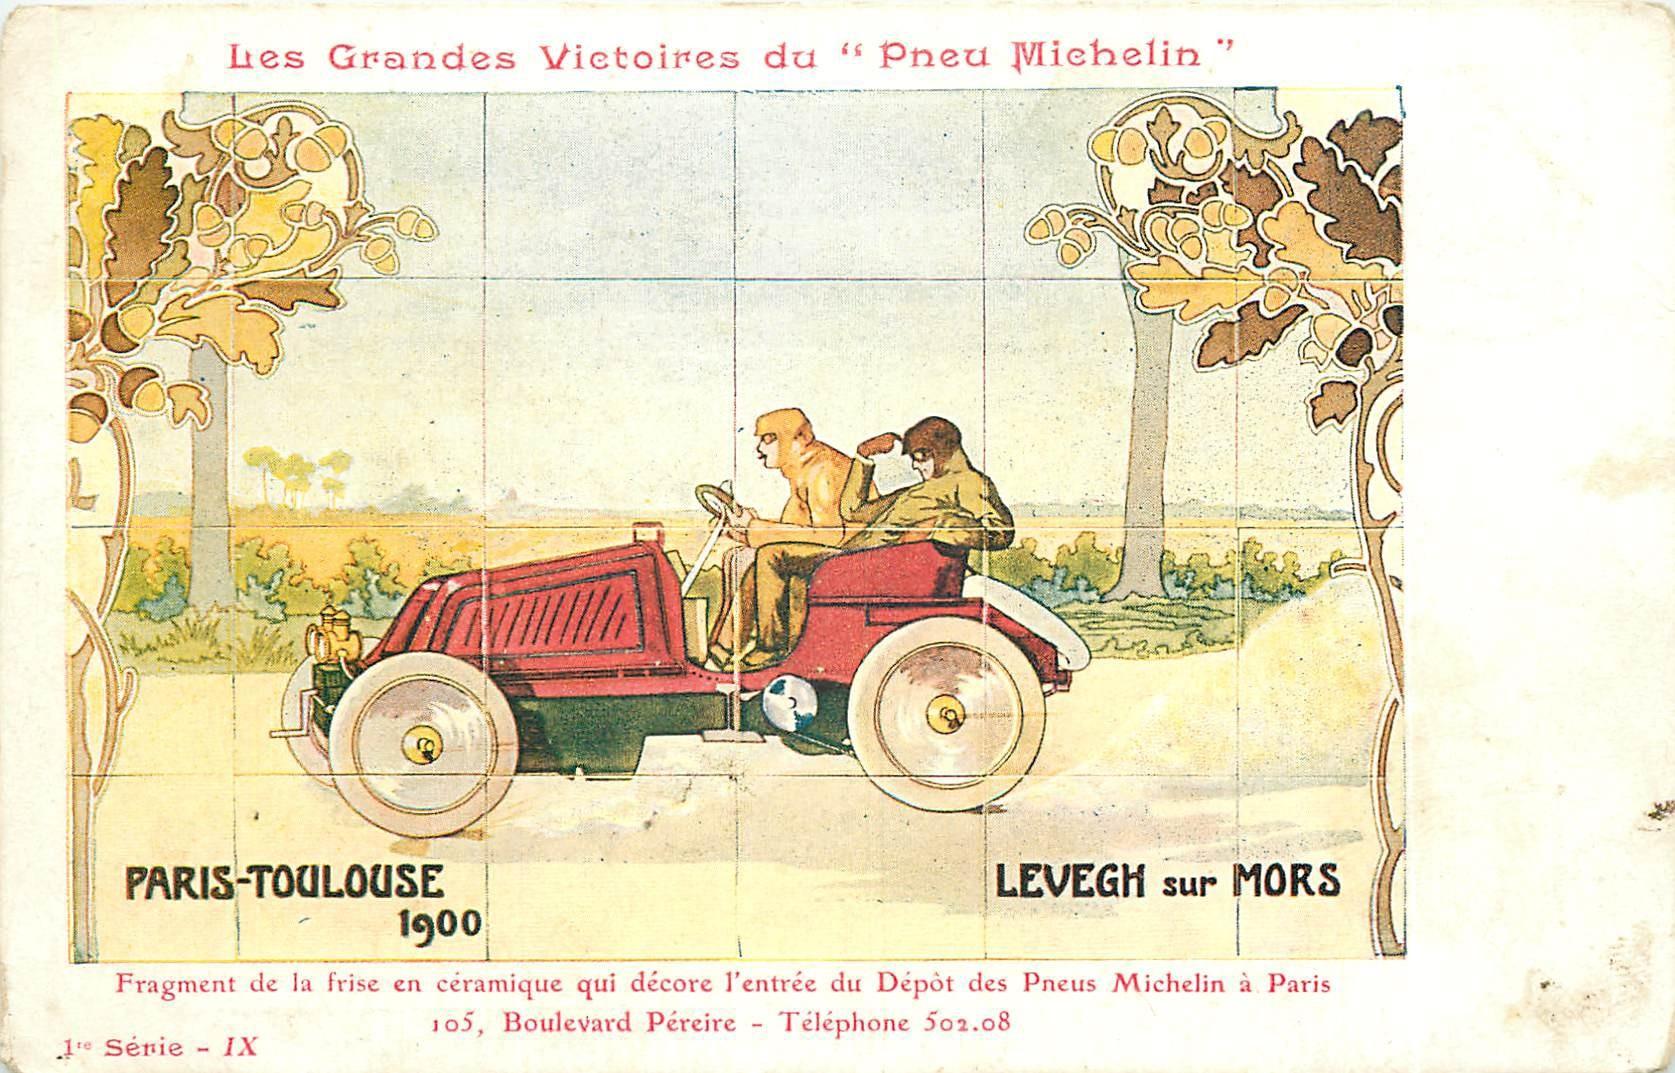 WW SPORT AUTOMOBILE. Pneu Michelin Paris Toulouse 1900 Levegh sur Mors